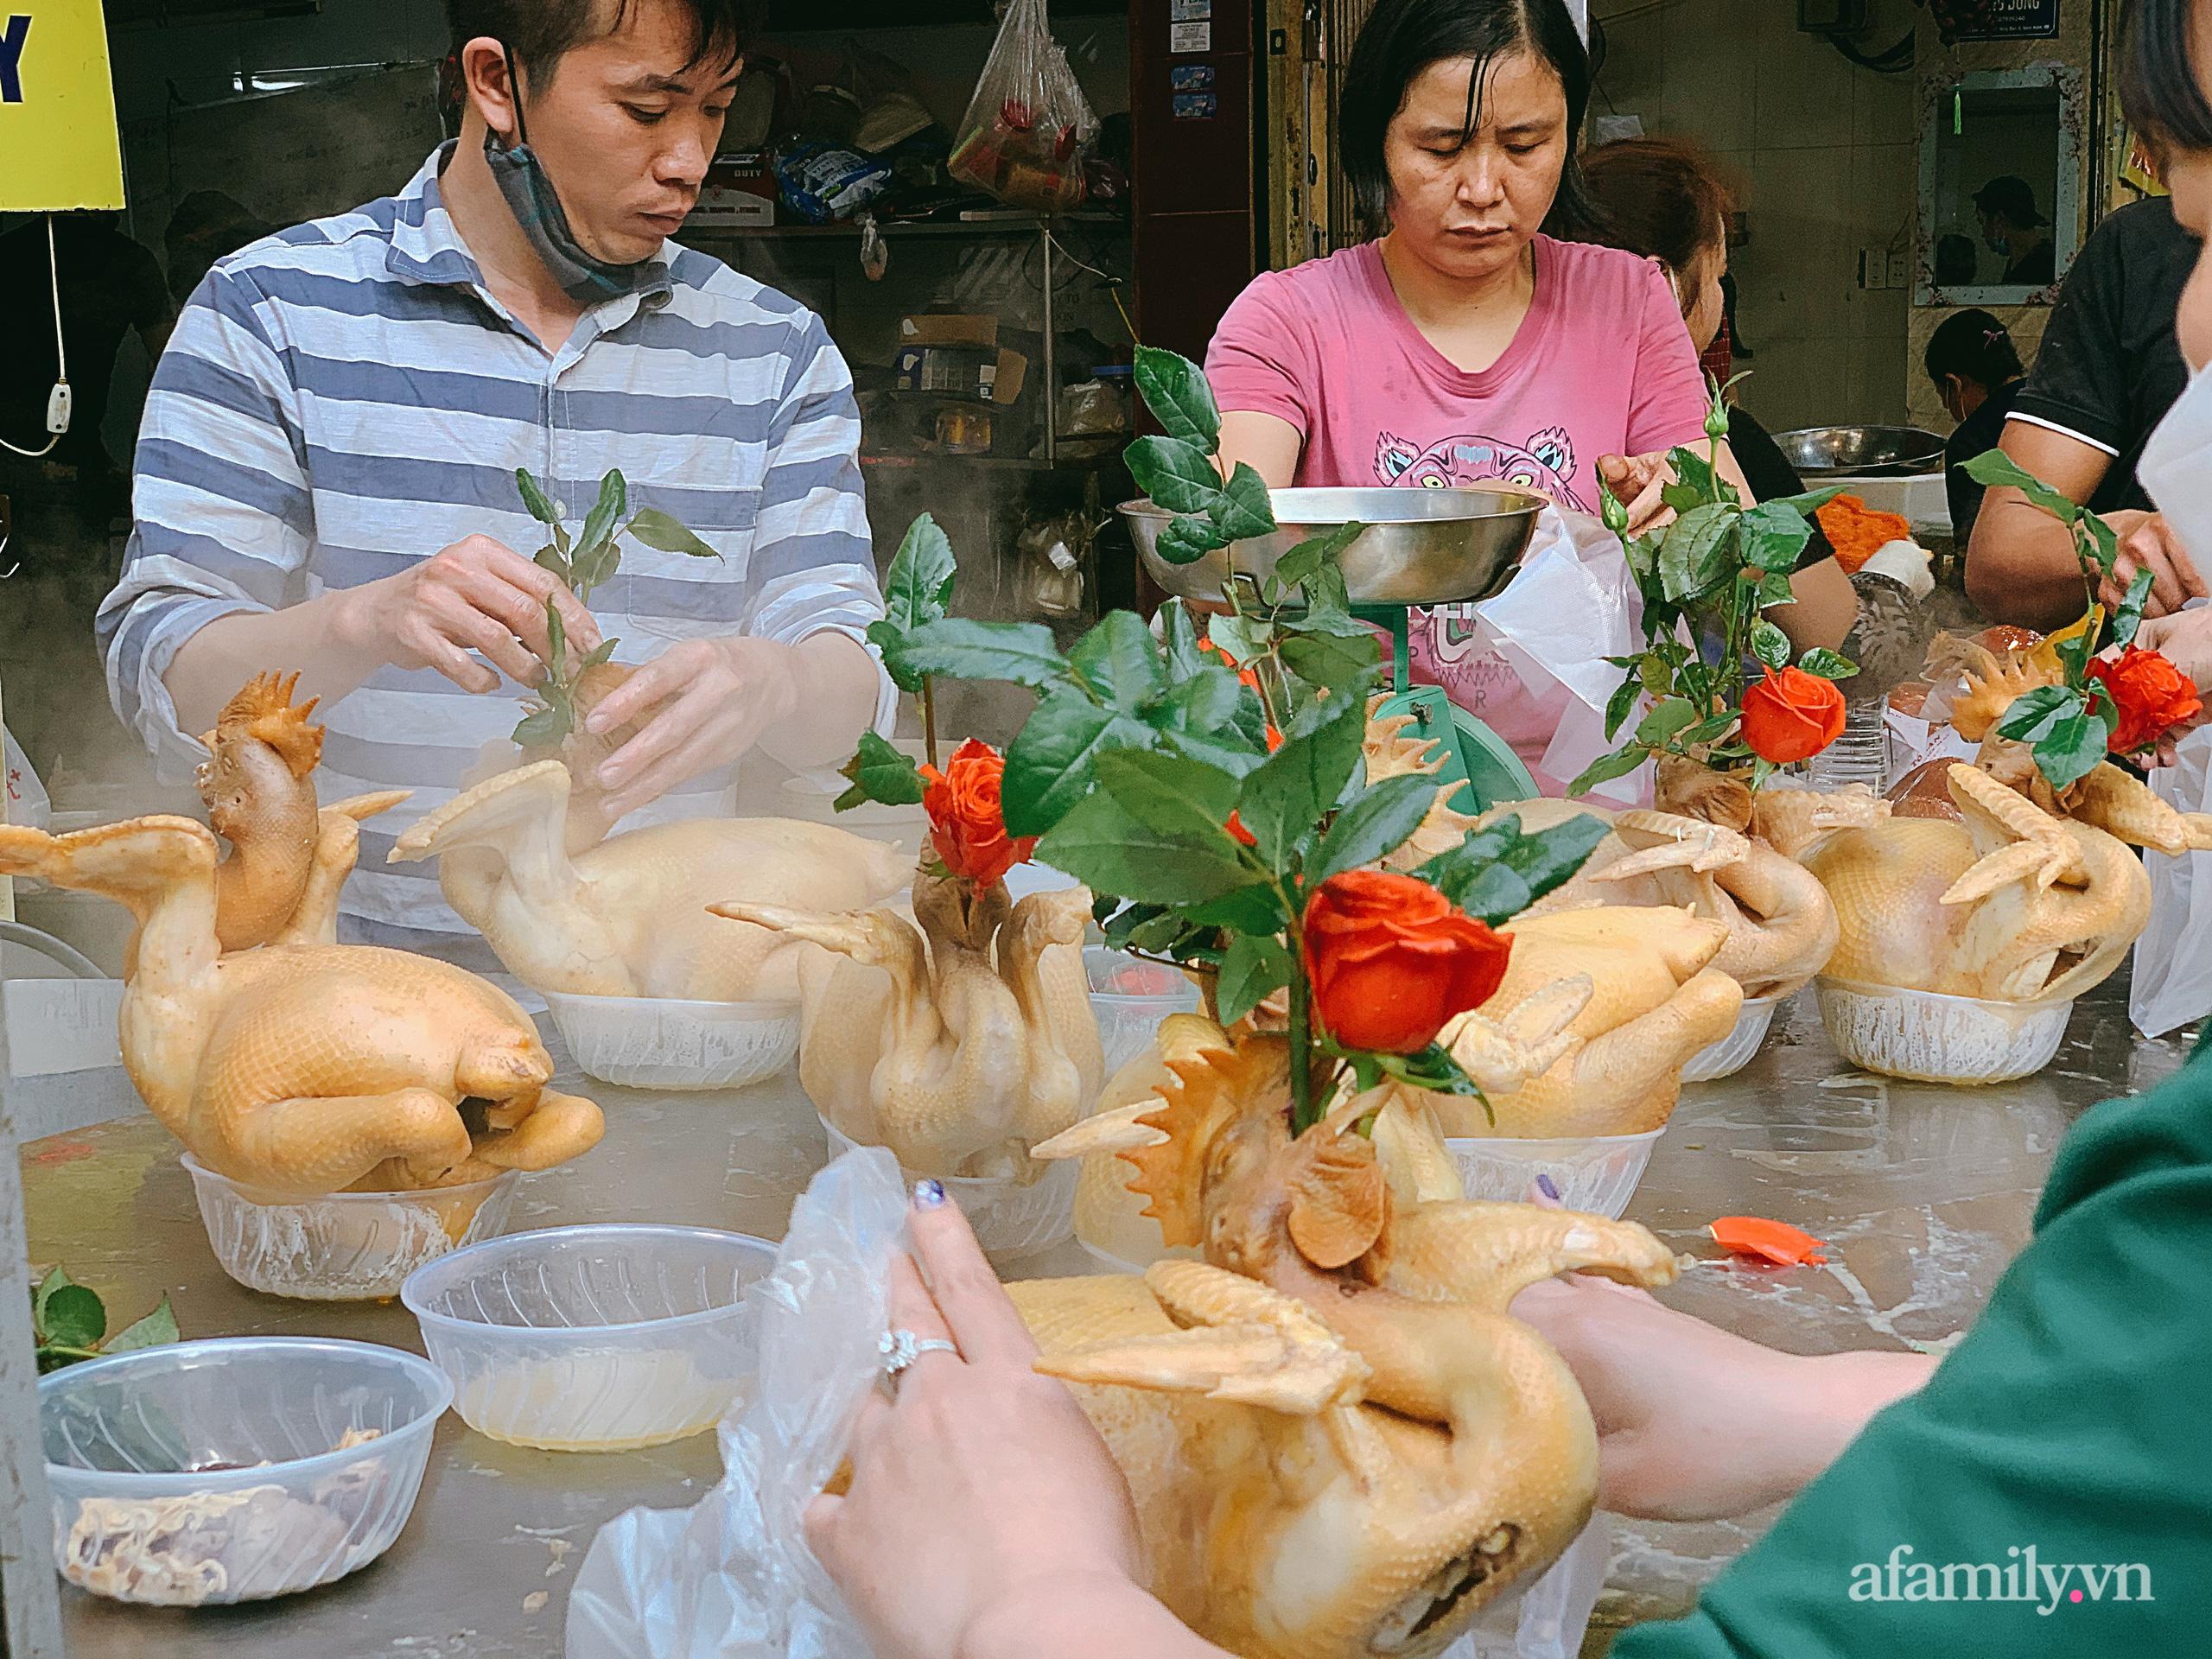 """30 Tết: Chợ Hàng Bè thất thủ, 1 triệu đồng/con gà bày mâm cỗ mà khách vẫn phải xếp hàng chờ """"dài cổ"""" - Ảnh 4."""